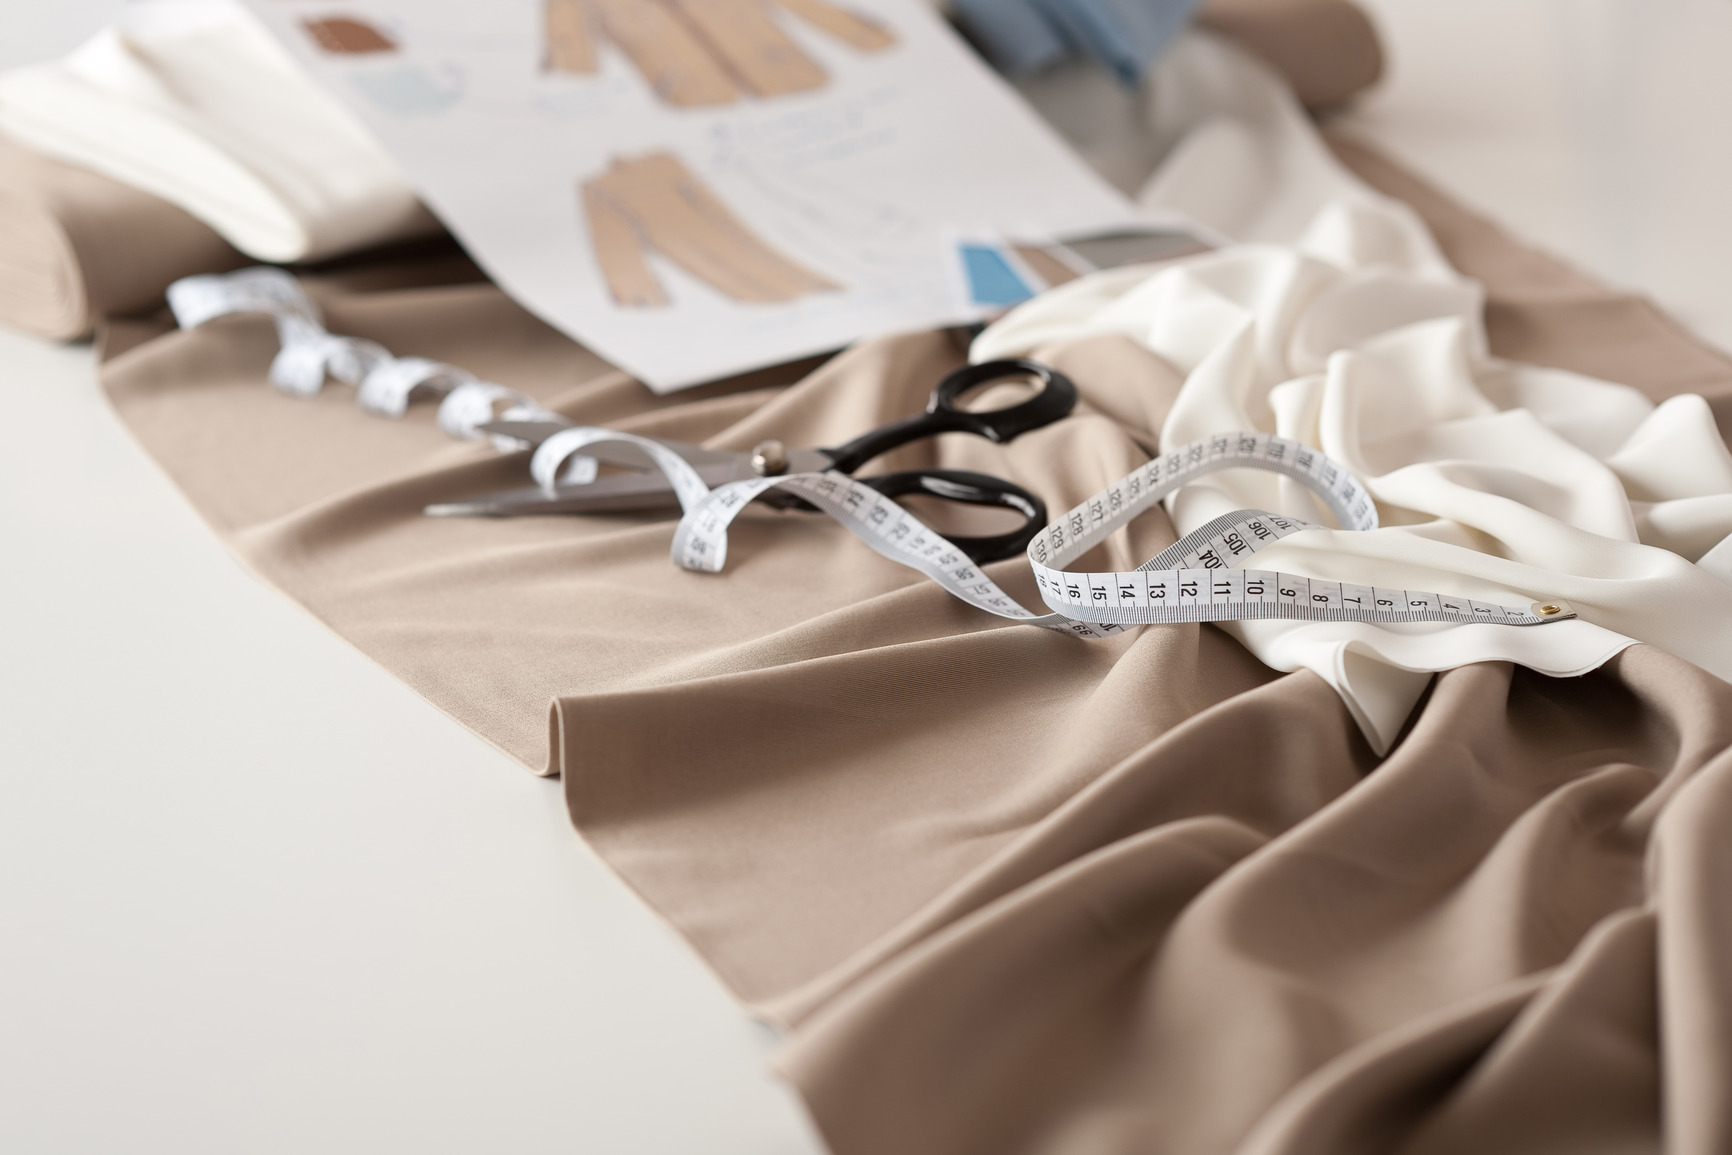 Corso iefp per operatore dell abbigliamento centro hurtado for Corso di fashion design